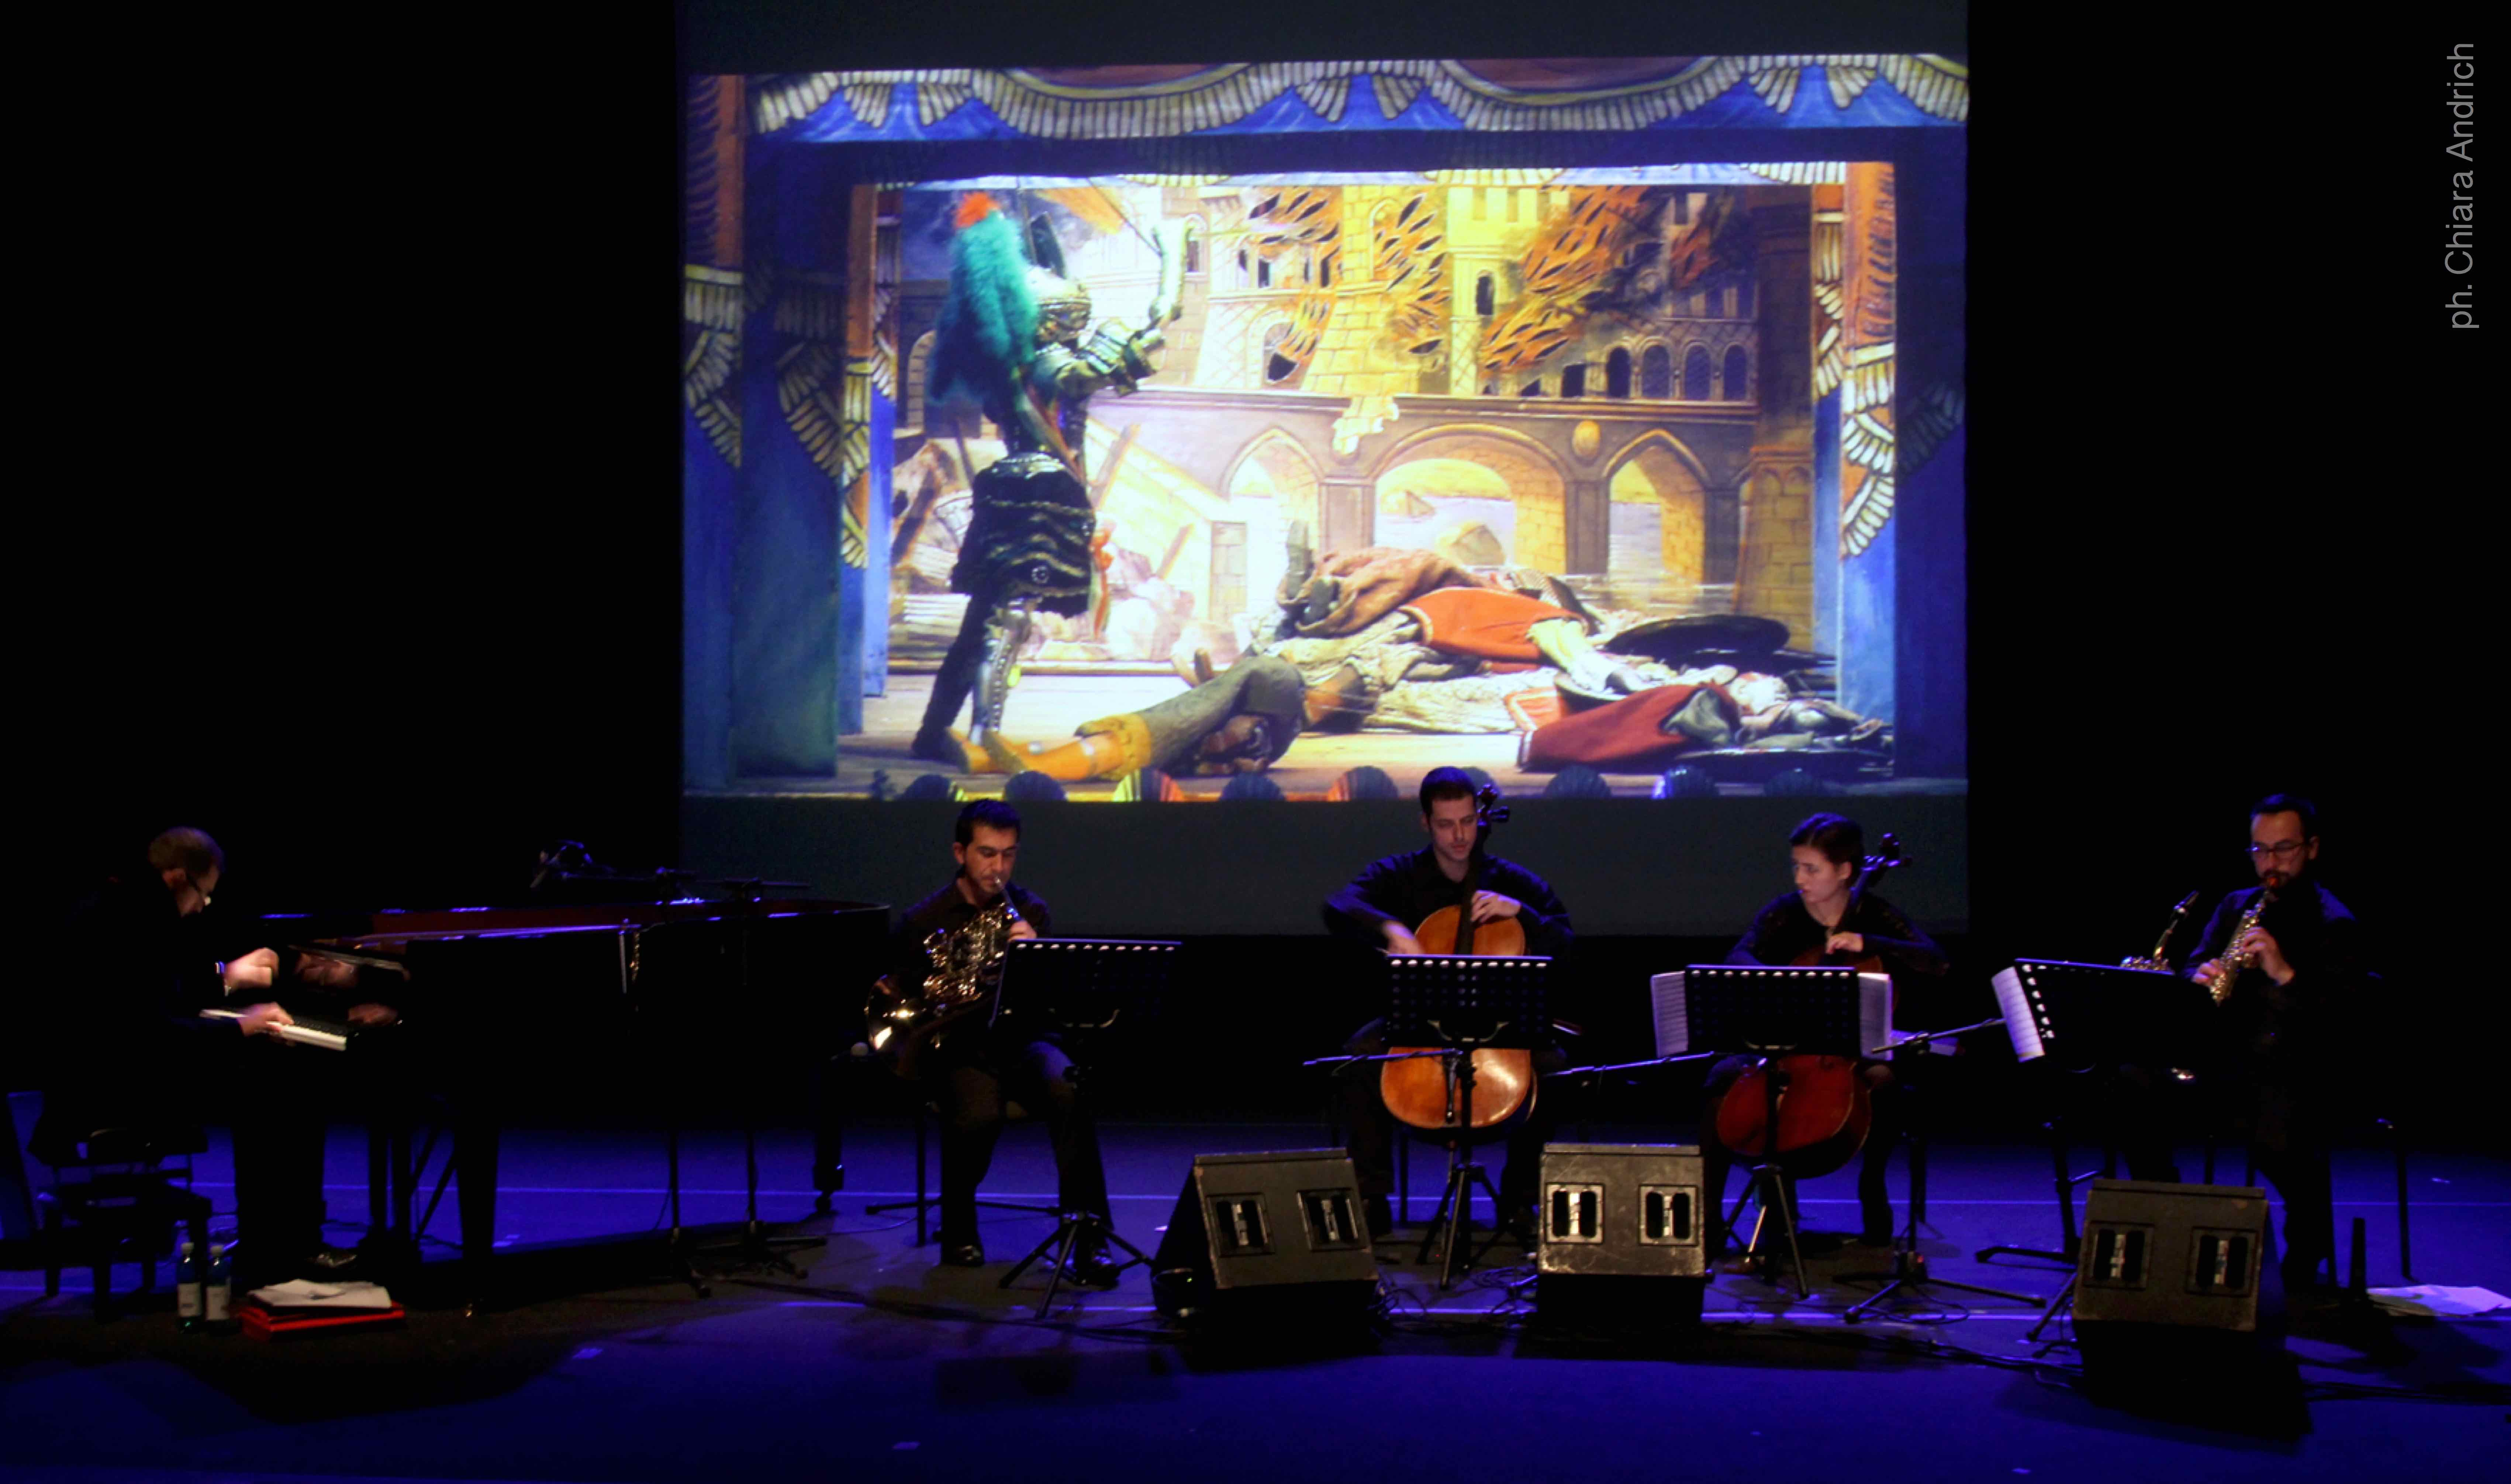 """Giacomo Cuticchio Ensemble perform """"Rapsodia Fantastica"""" Roma - Auditorium Parco della Musica © Chiara Andrich 2014"""